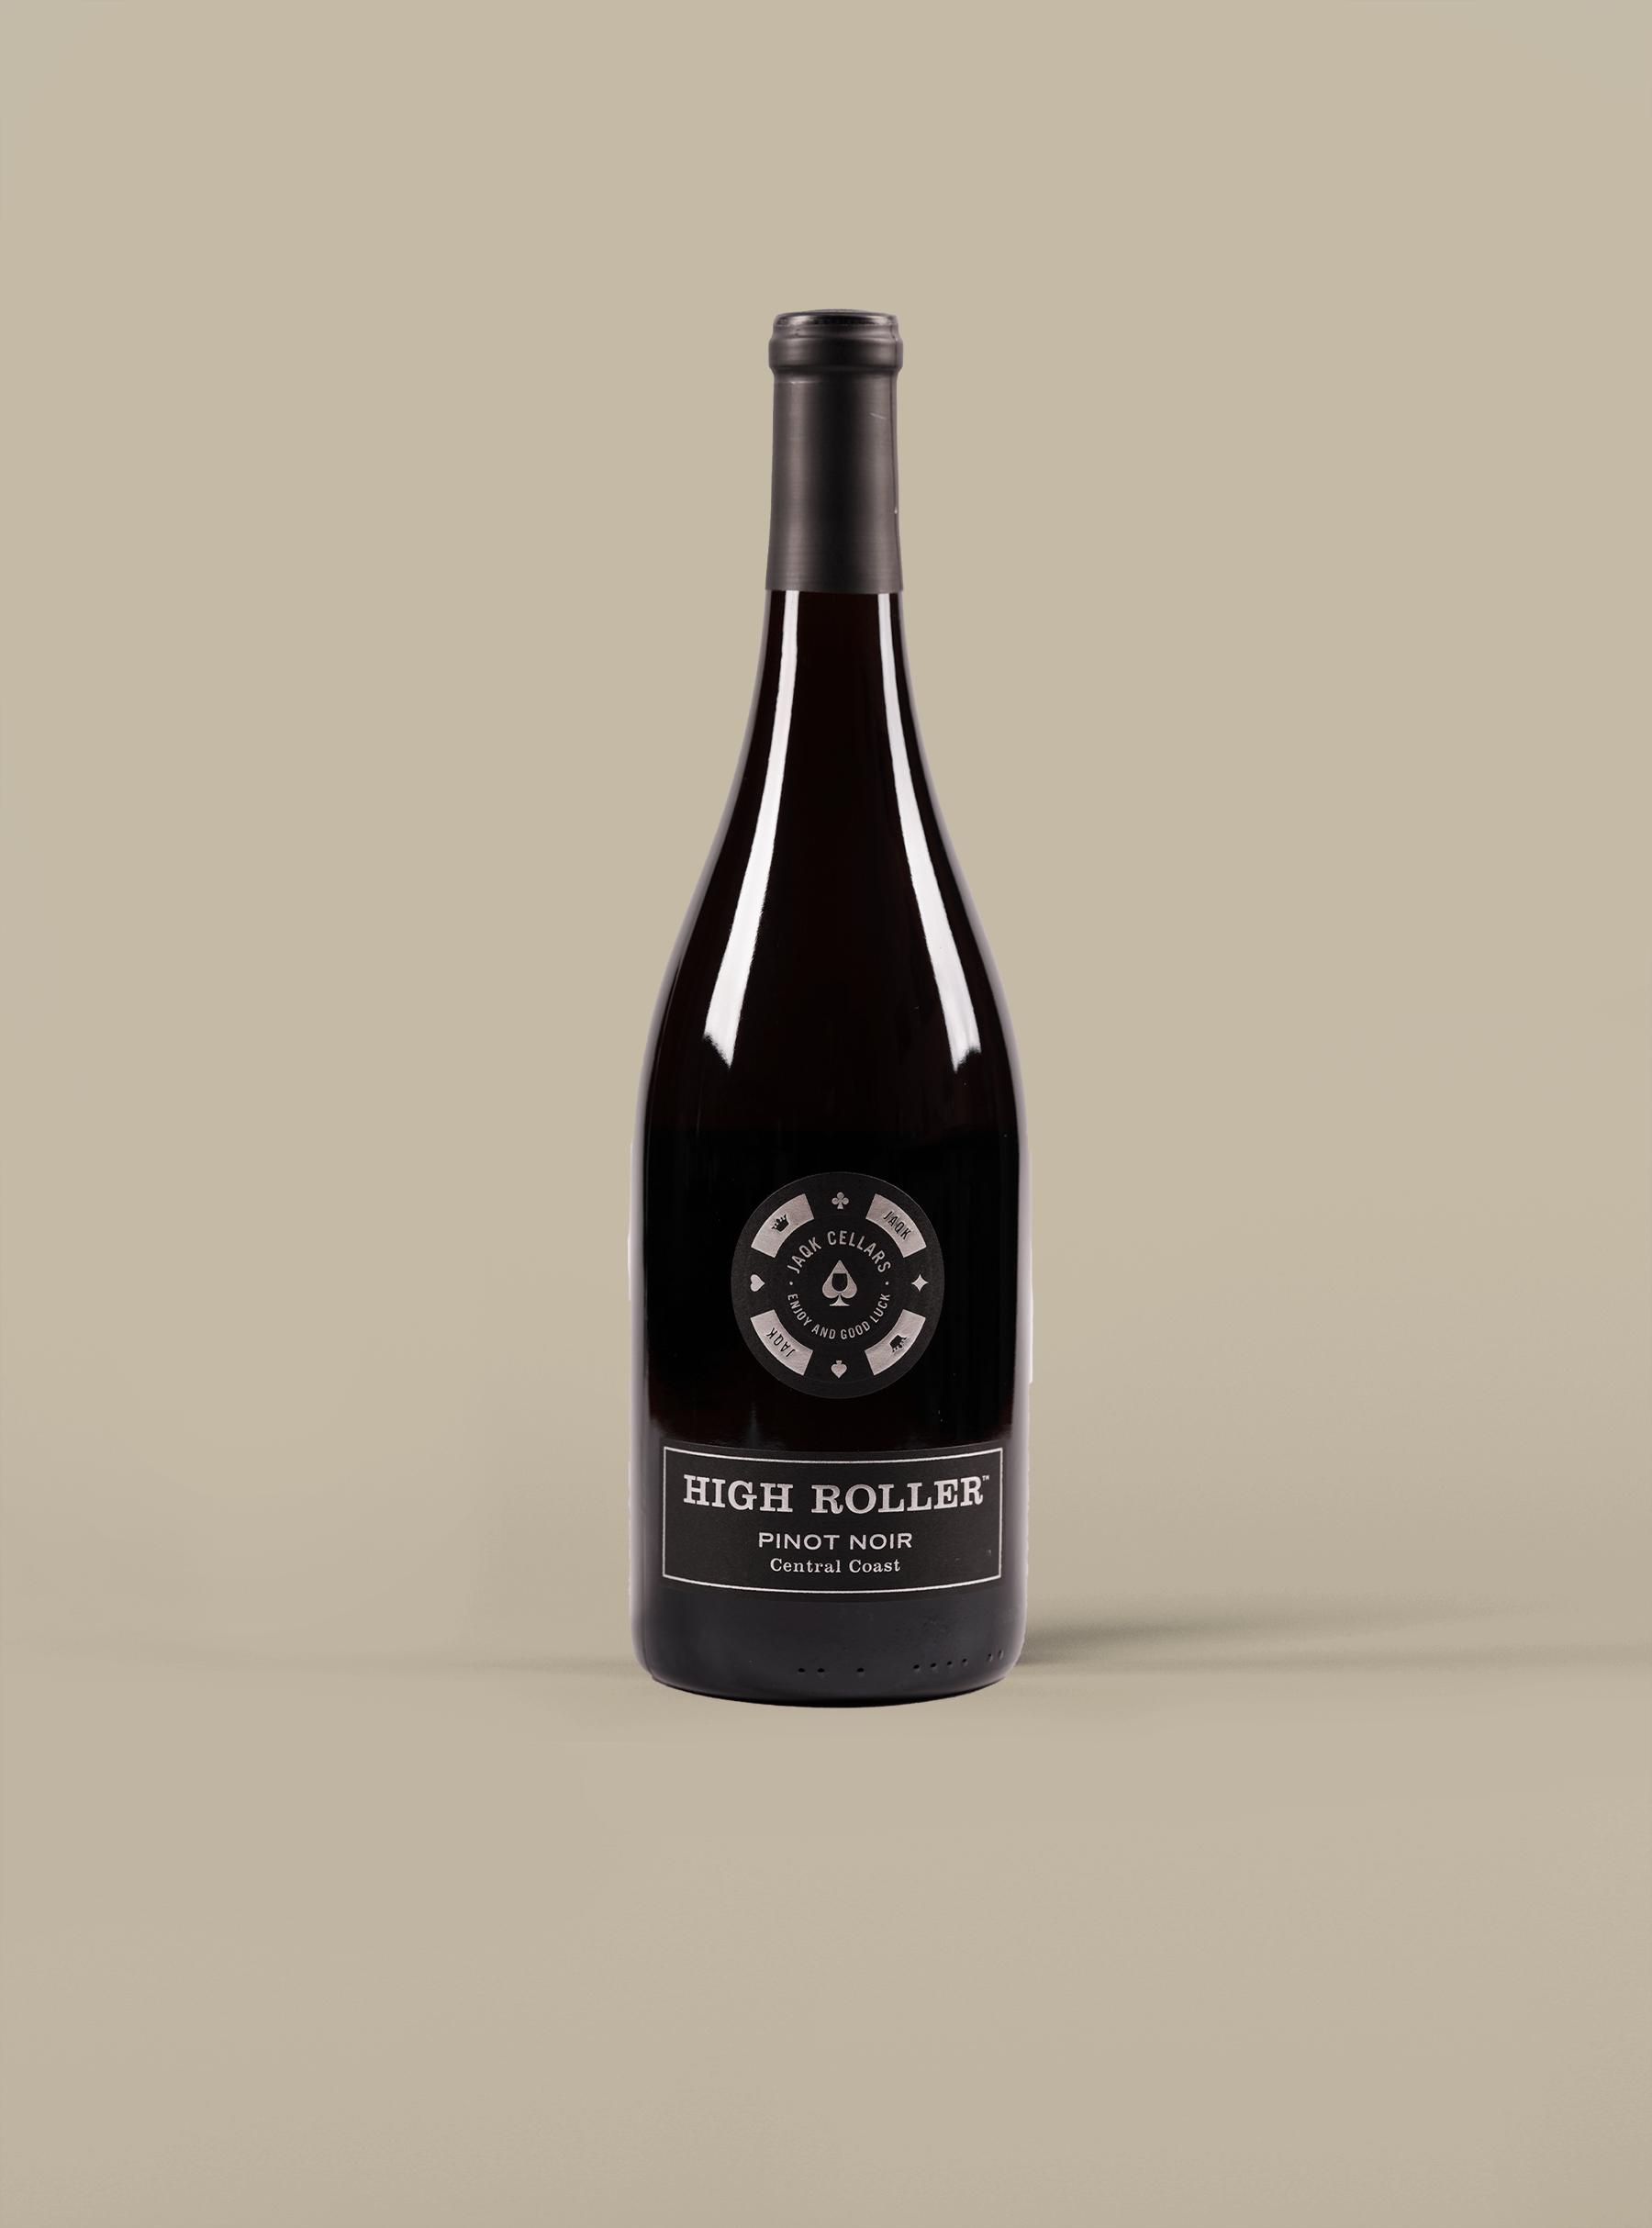 JAQK Cellars, High Roller Central Coast Pinot Noir